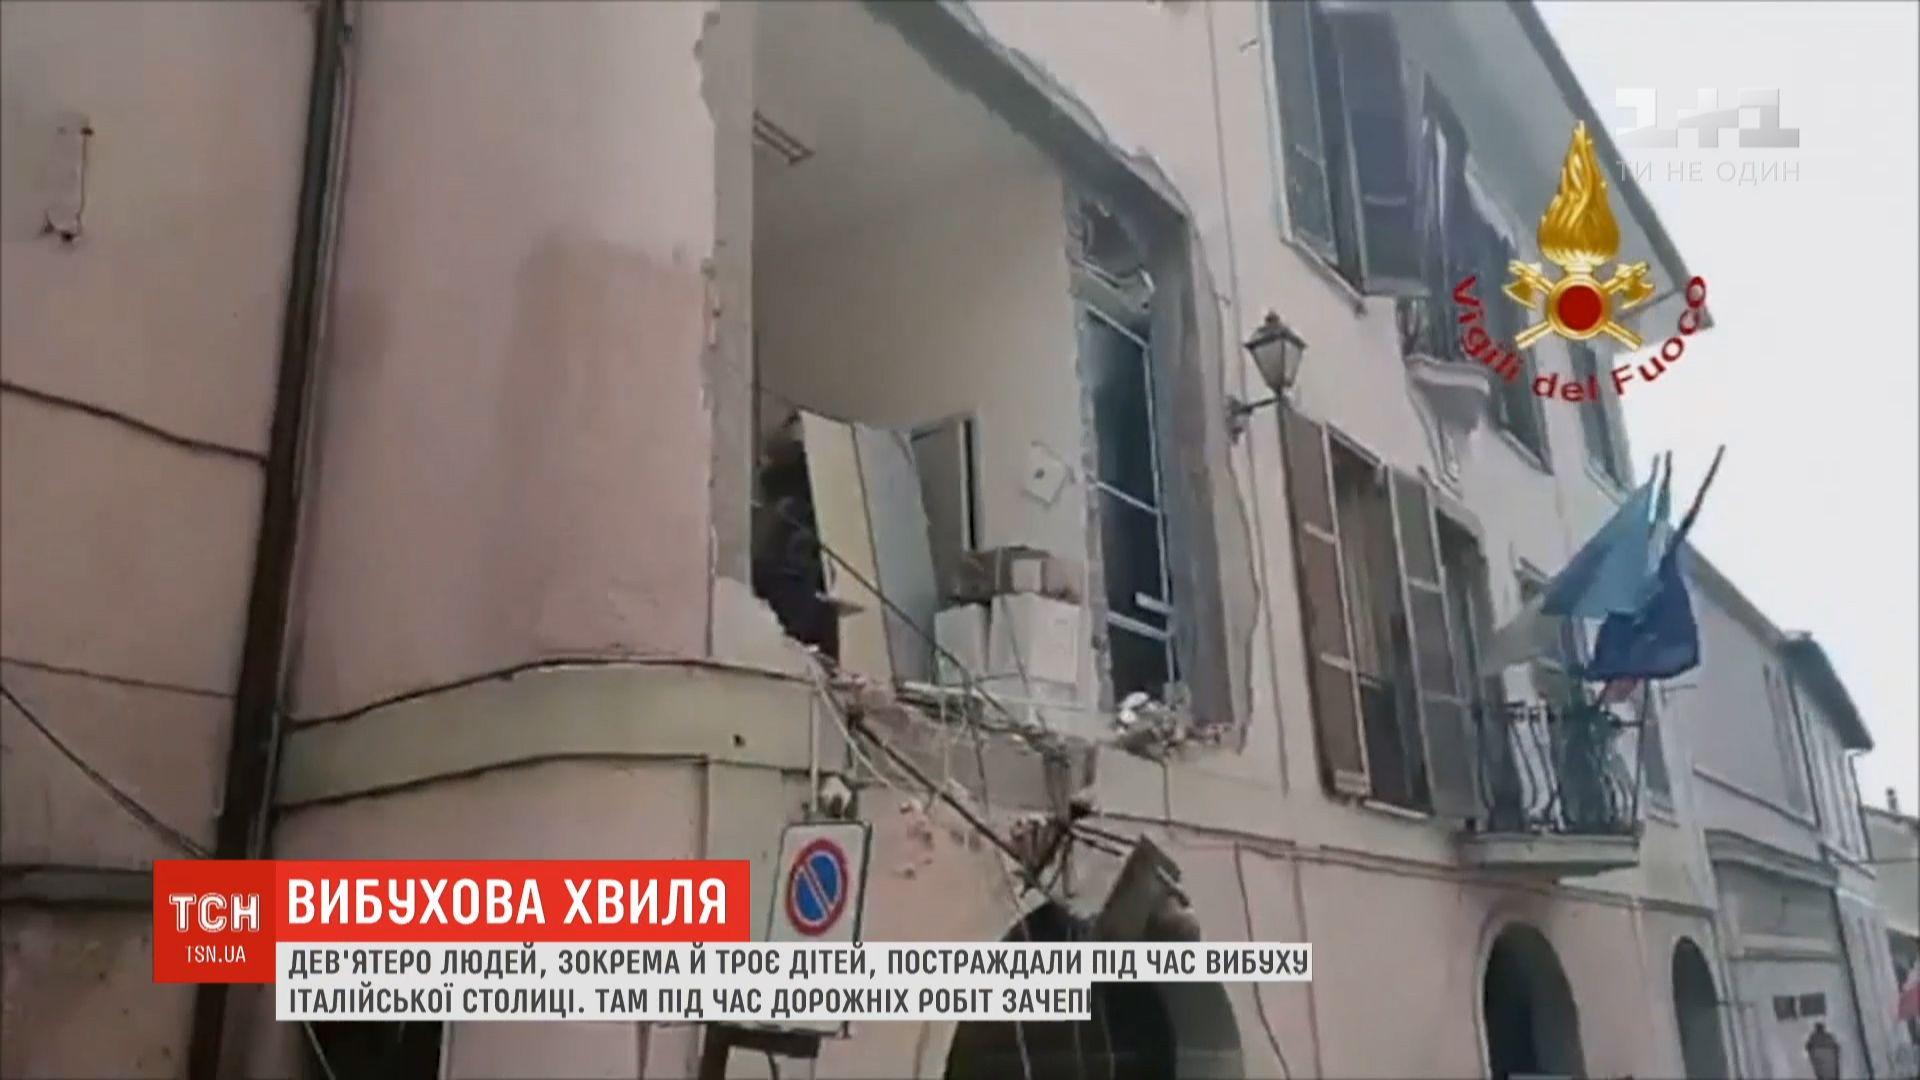 Столб дыма после взрыва был виден из столицы / скриншот